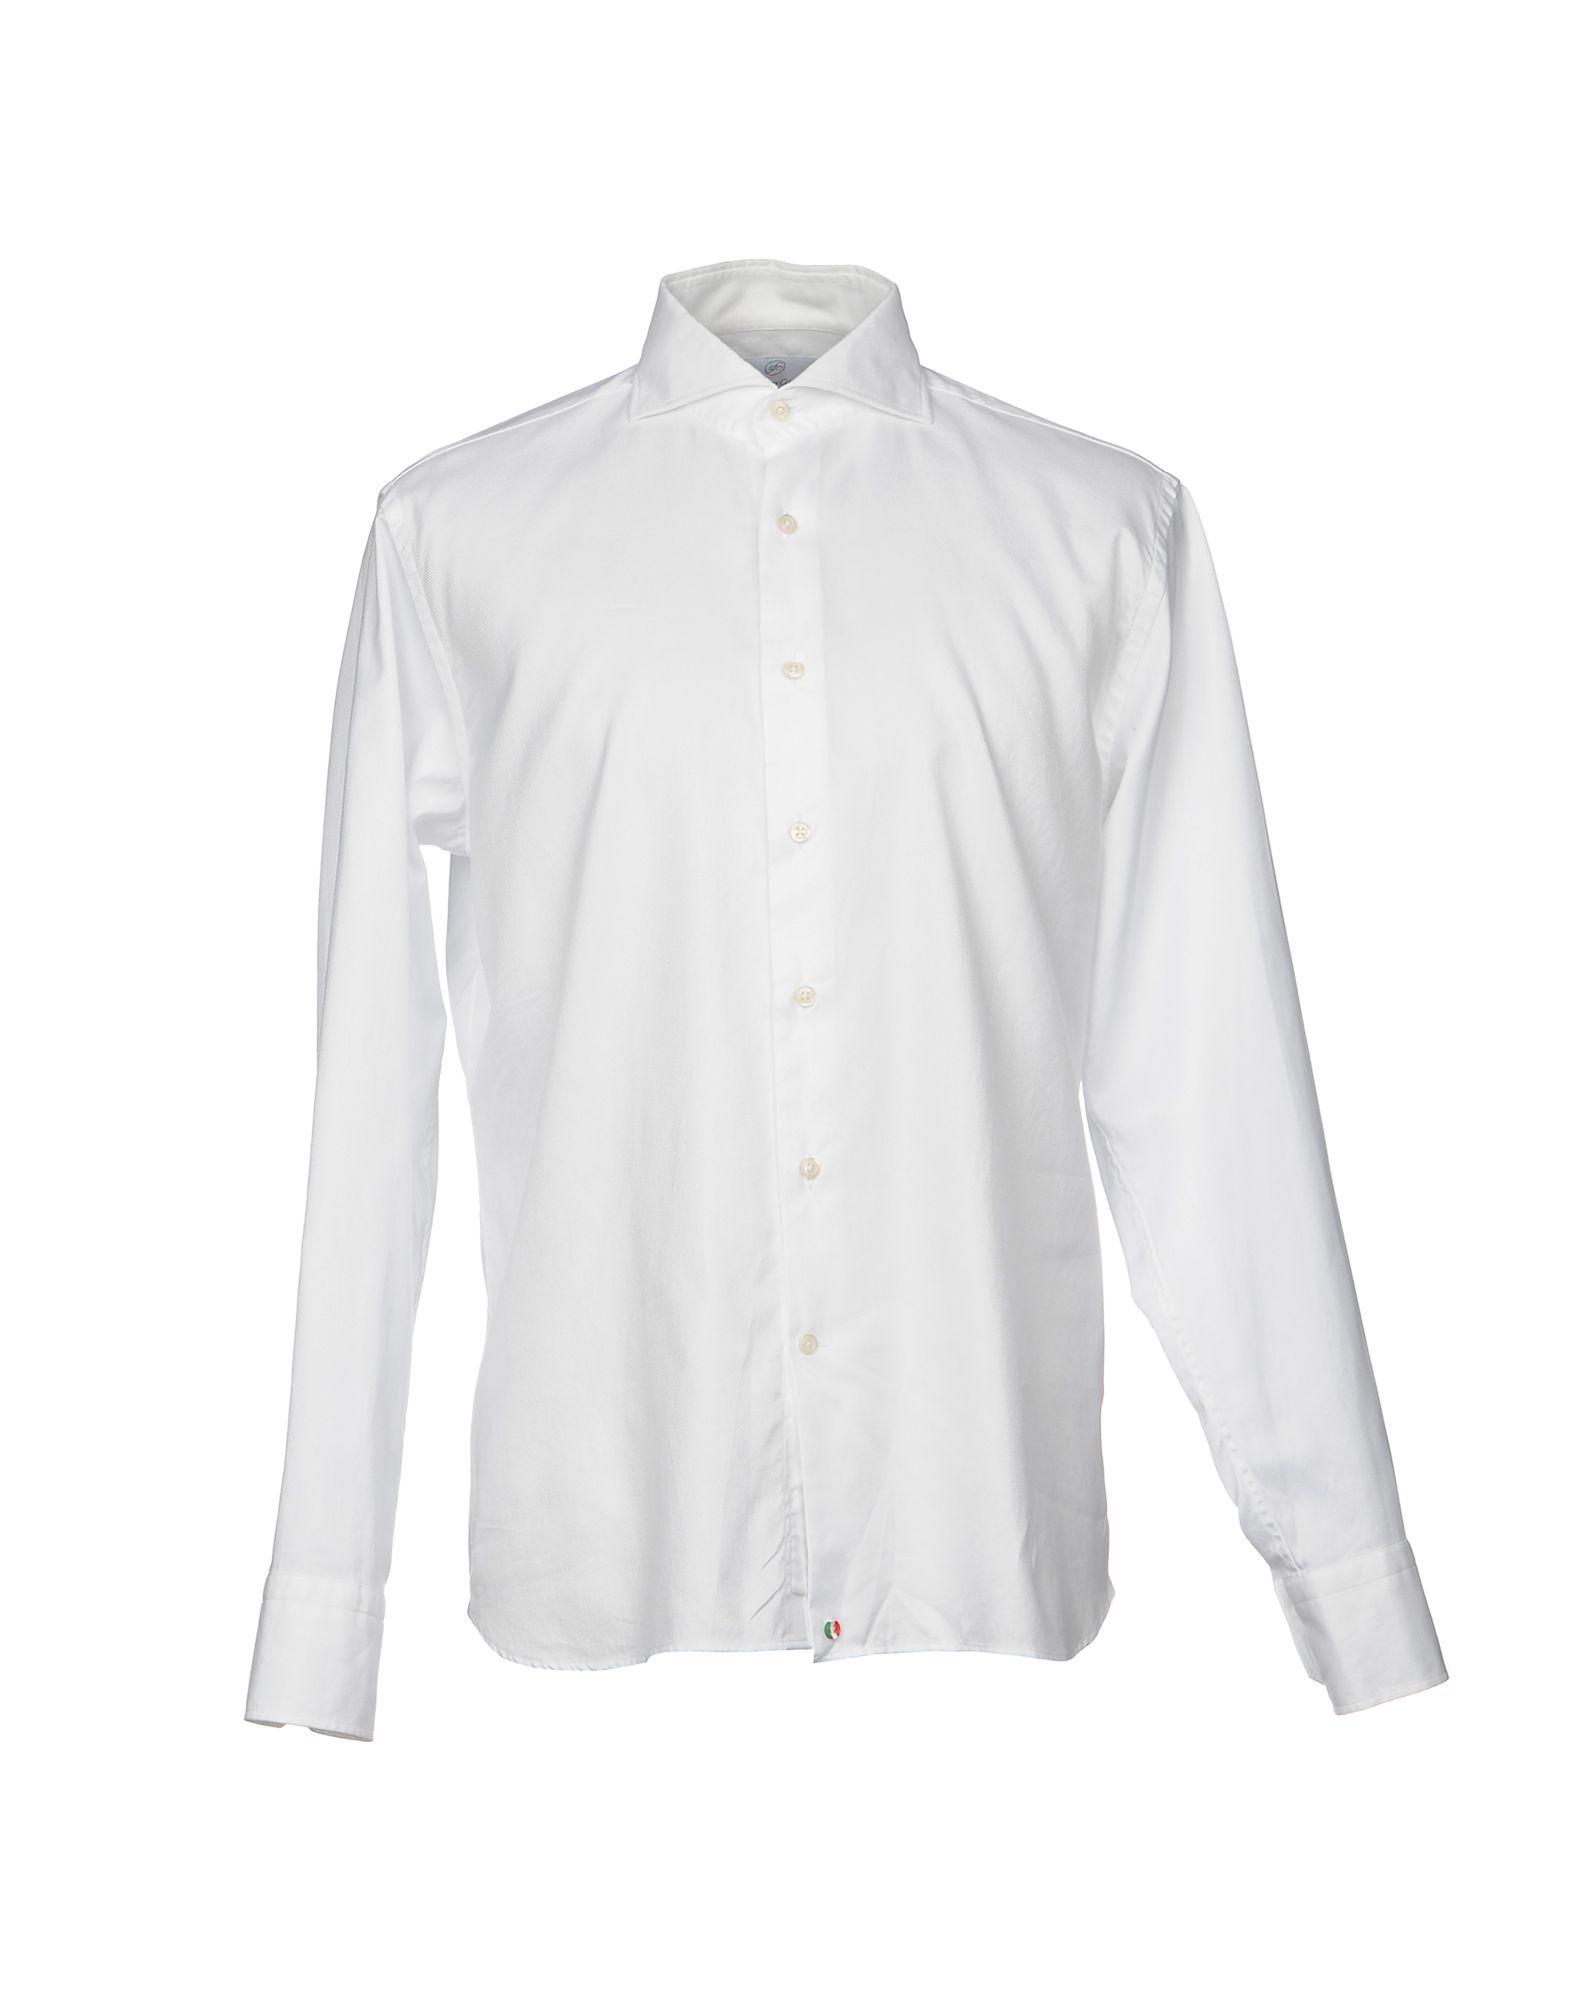 《送料無料》SHIRT FACTORY COLLECTION メンズ シャツ ホワイト 42 コットン 100%